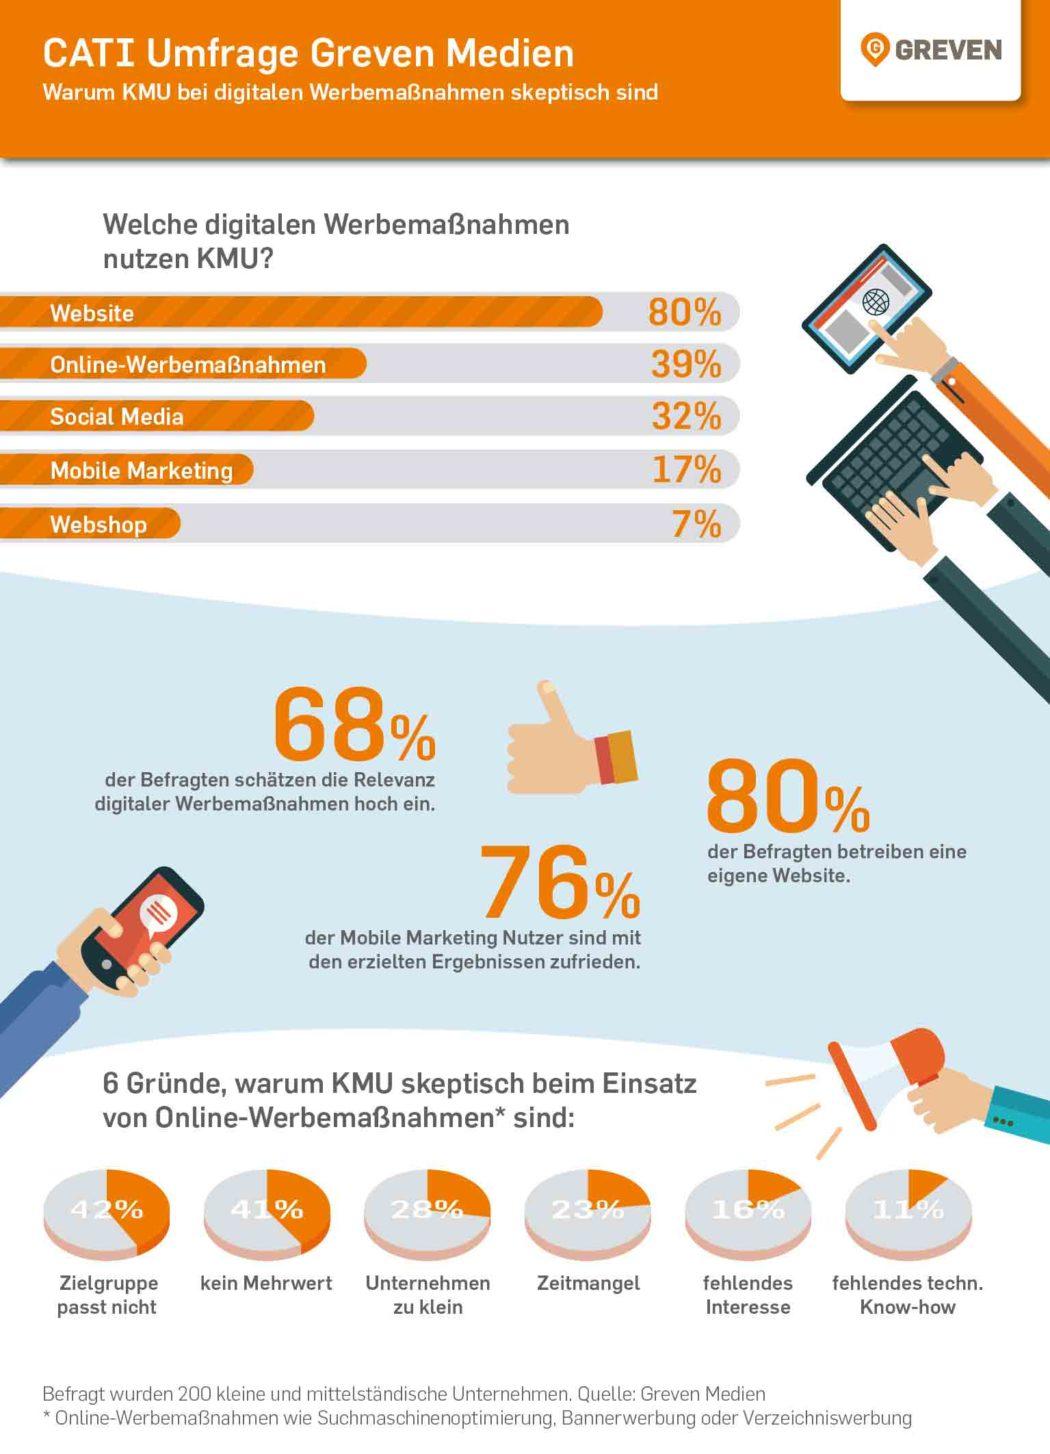 Repräsentative Umfrage unter kleinen und mittelständischen Unternehmen im Auftrag von Greven Medien. copyright: Greven Medien